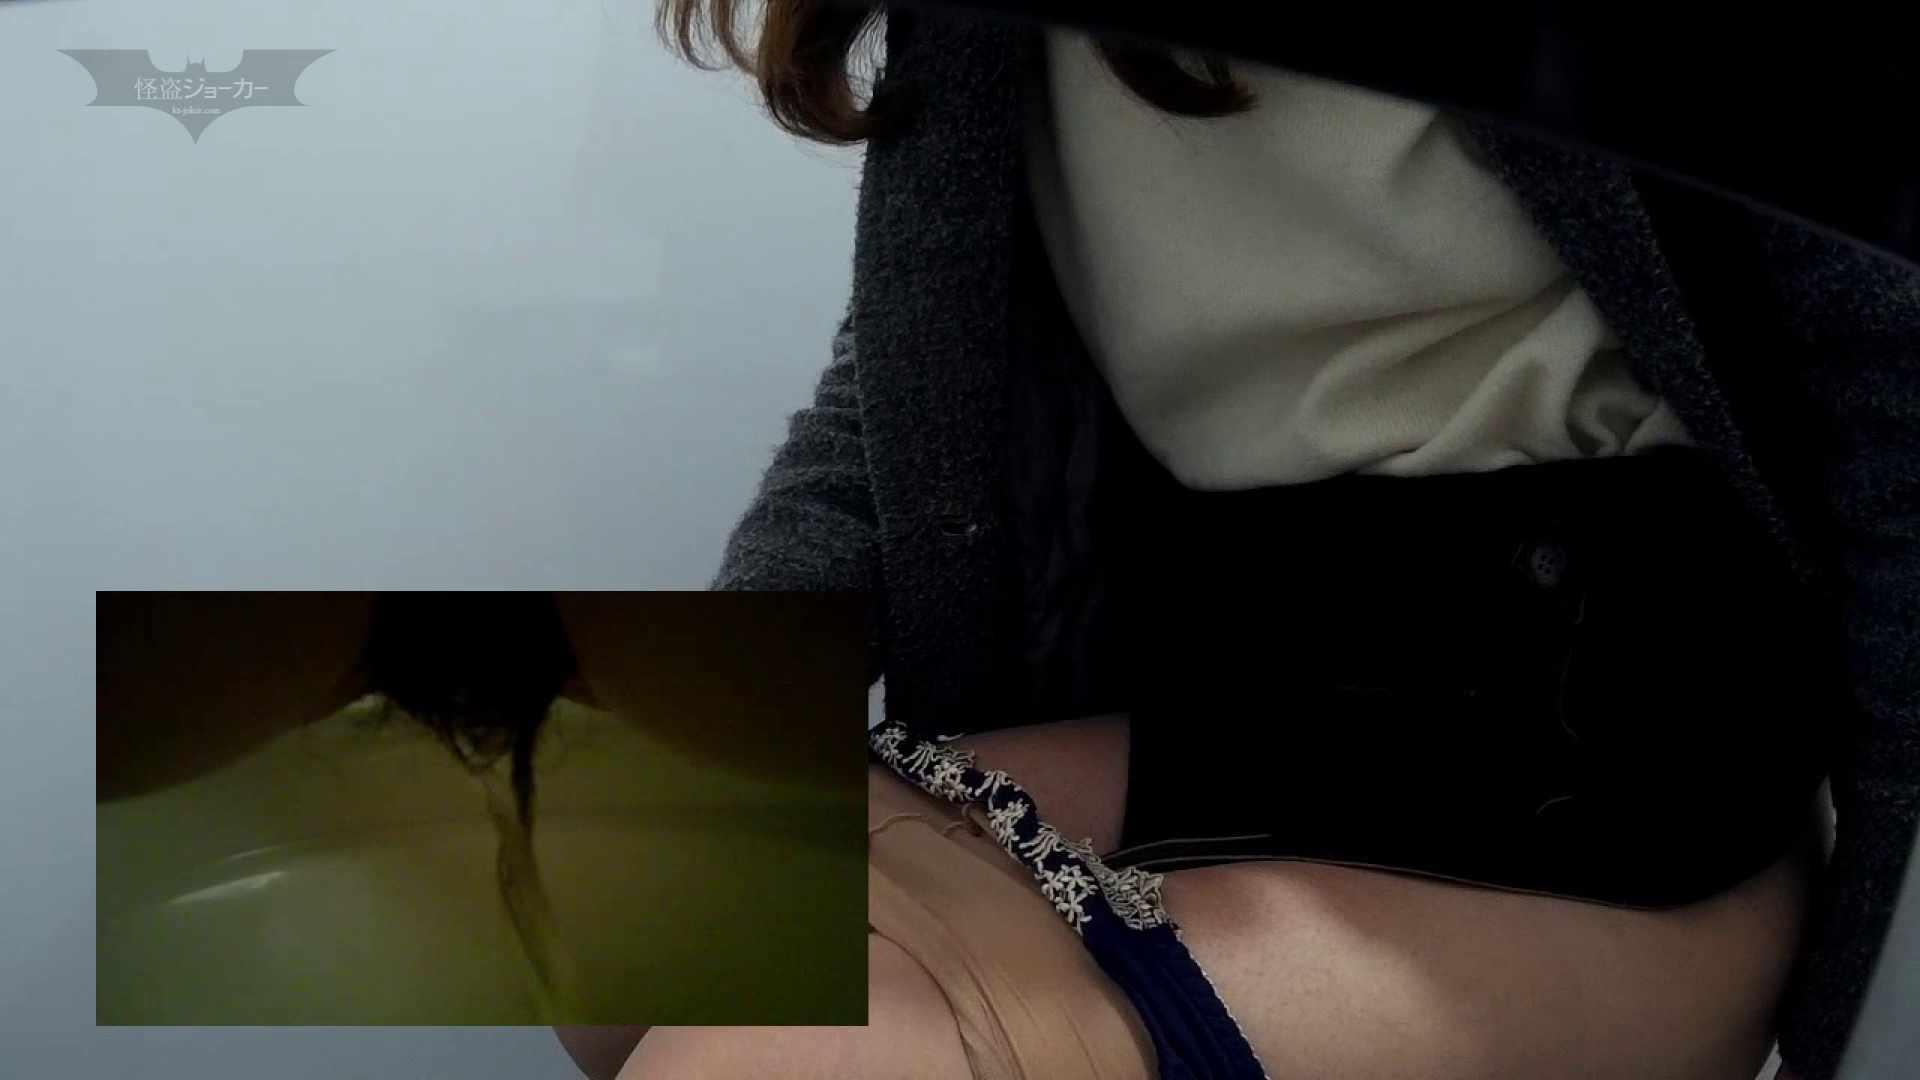 有名大学女性洗面所 vol.57 S級美女マルチアングル撮り!! 美女 盗撮ワレメ無修正動画無料 103pic 27